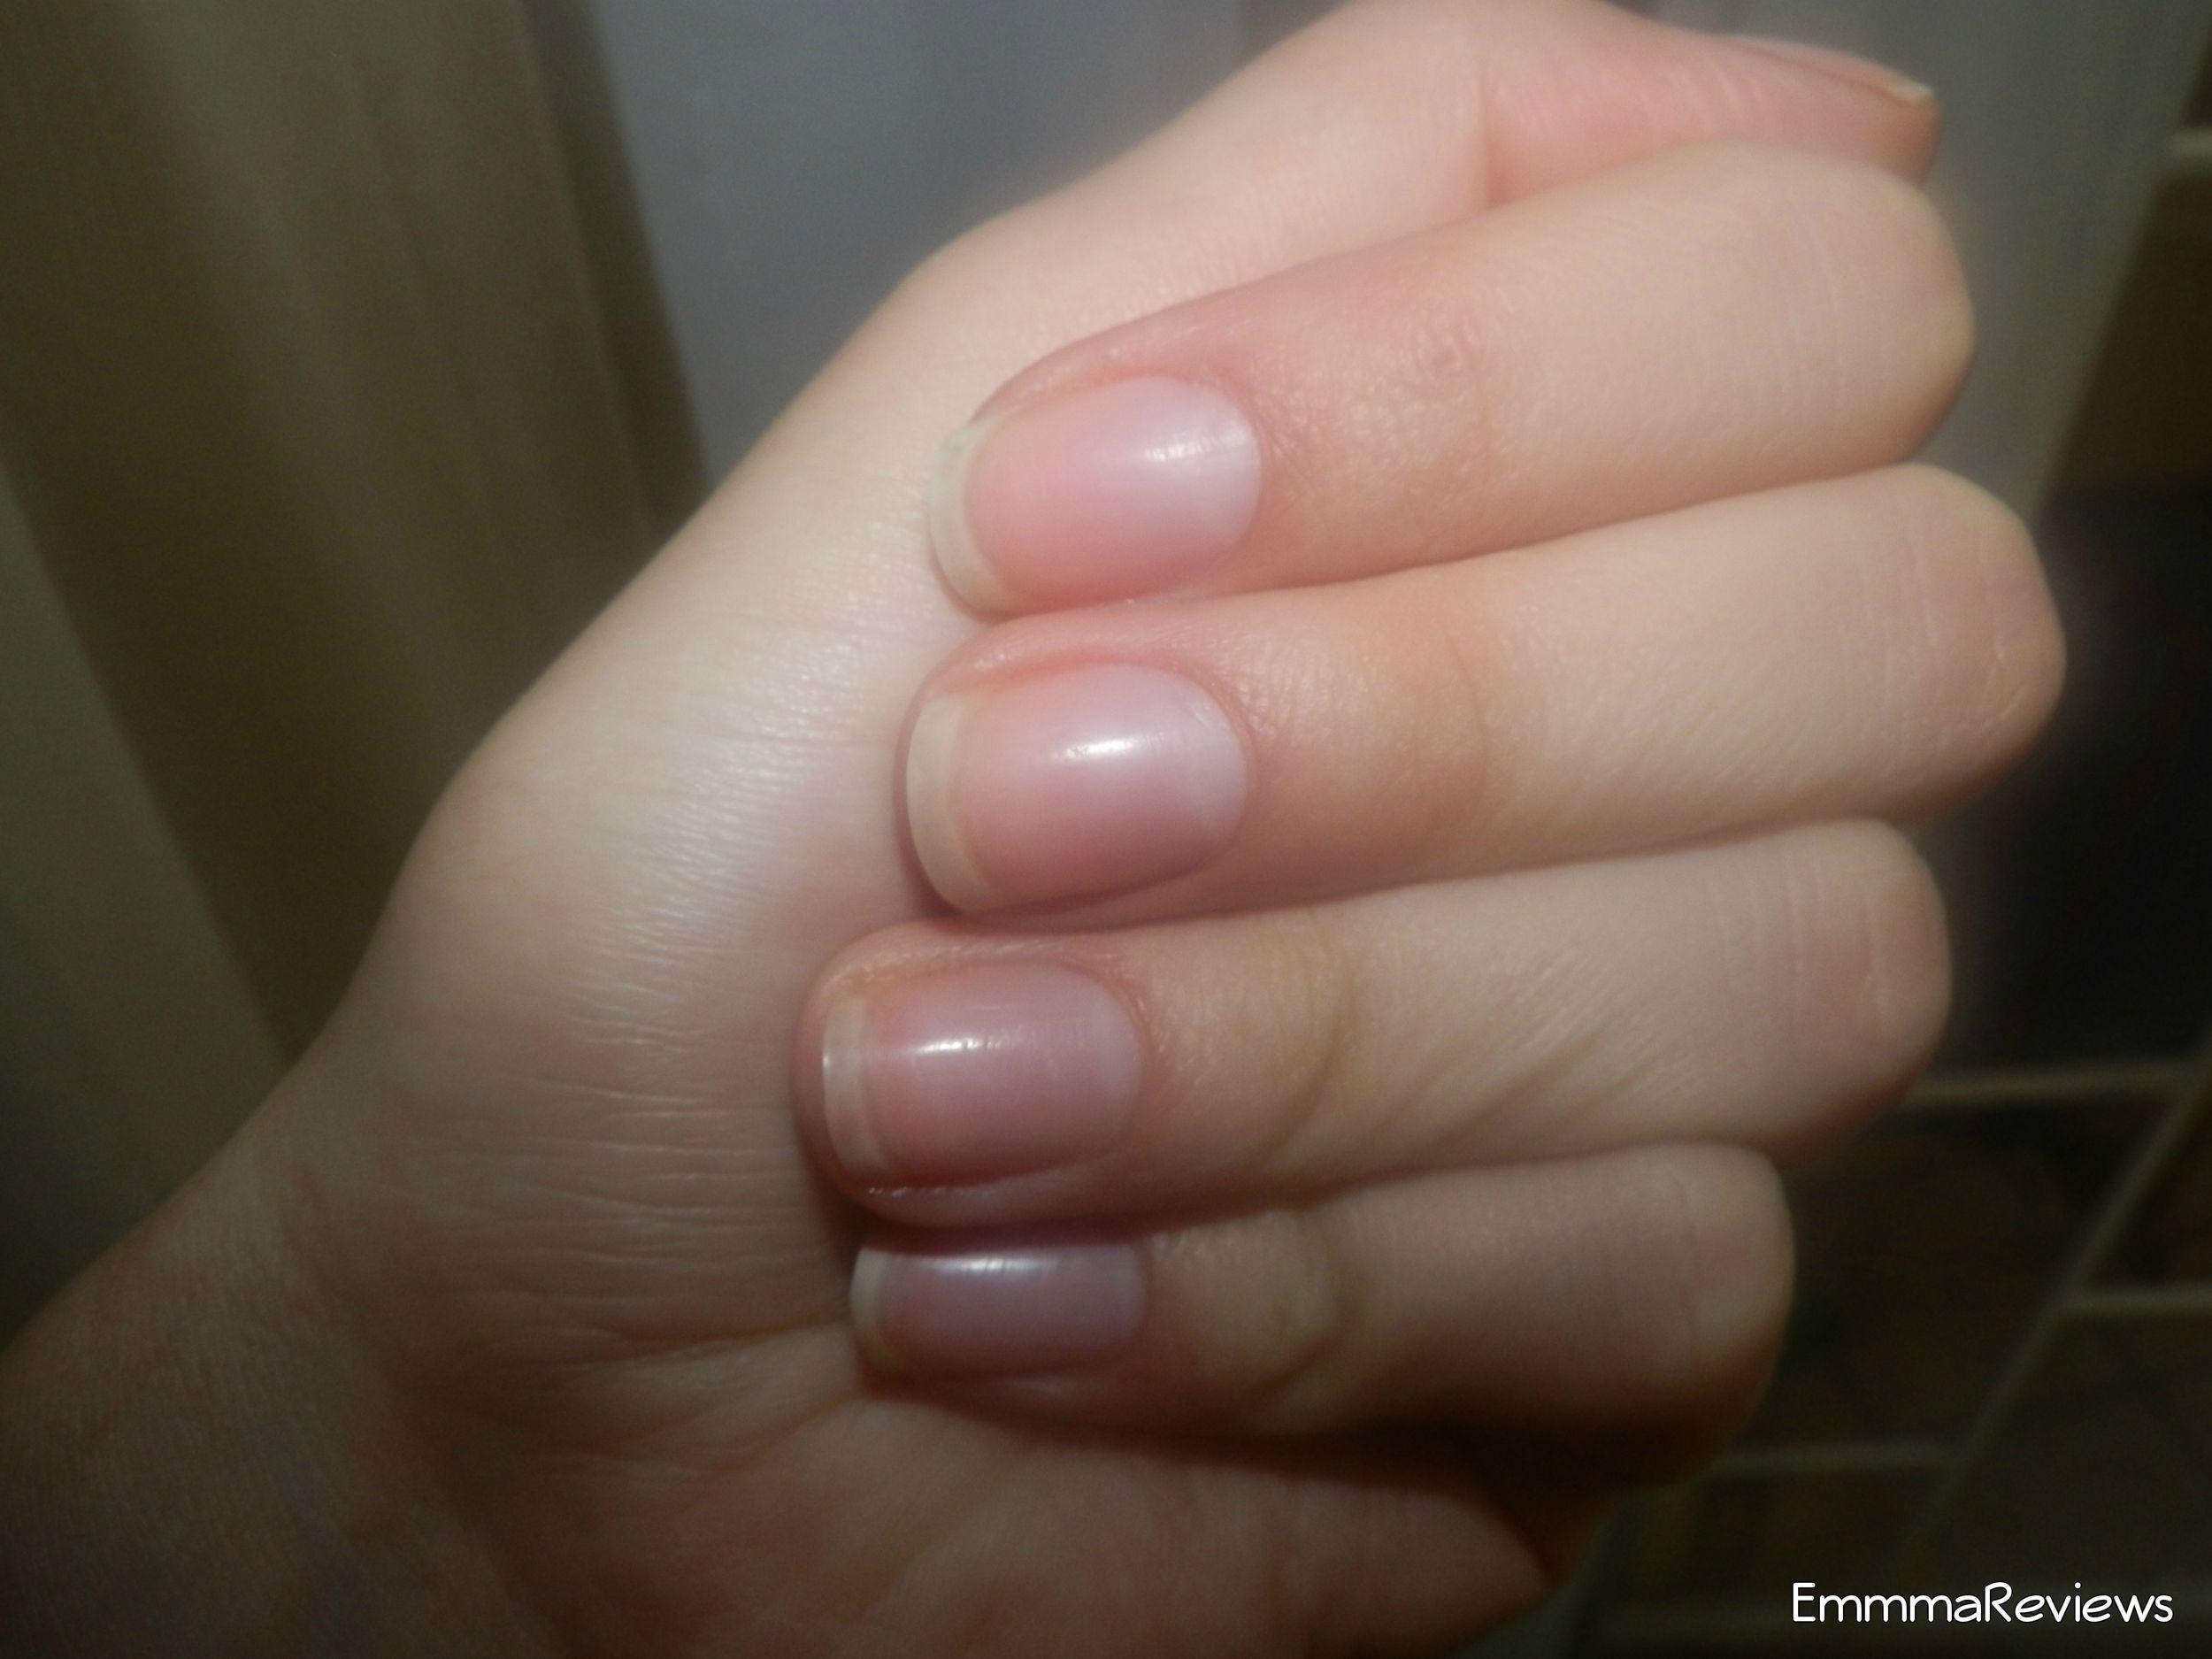 Tratament intarire unghii dupa gel